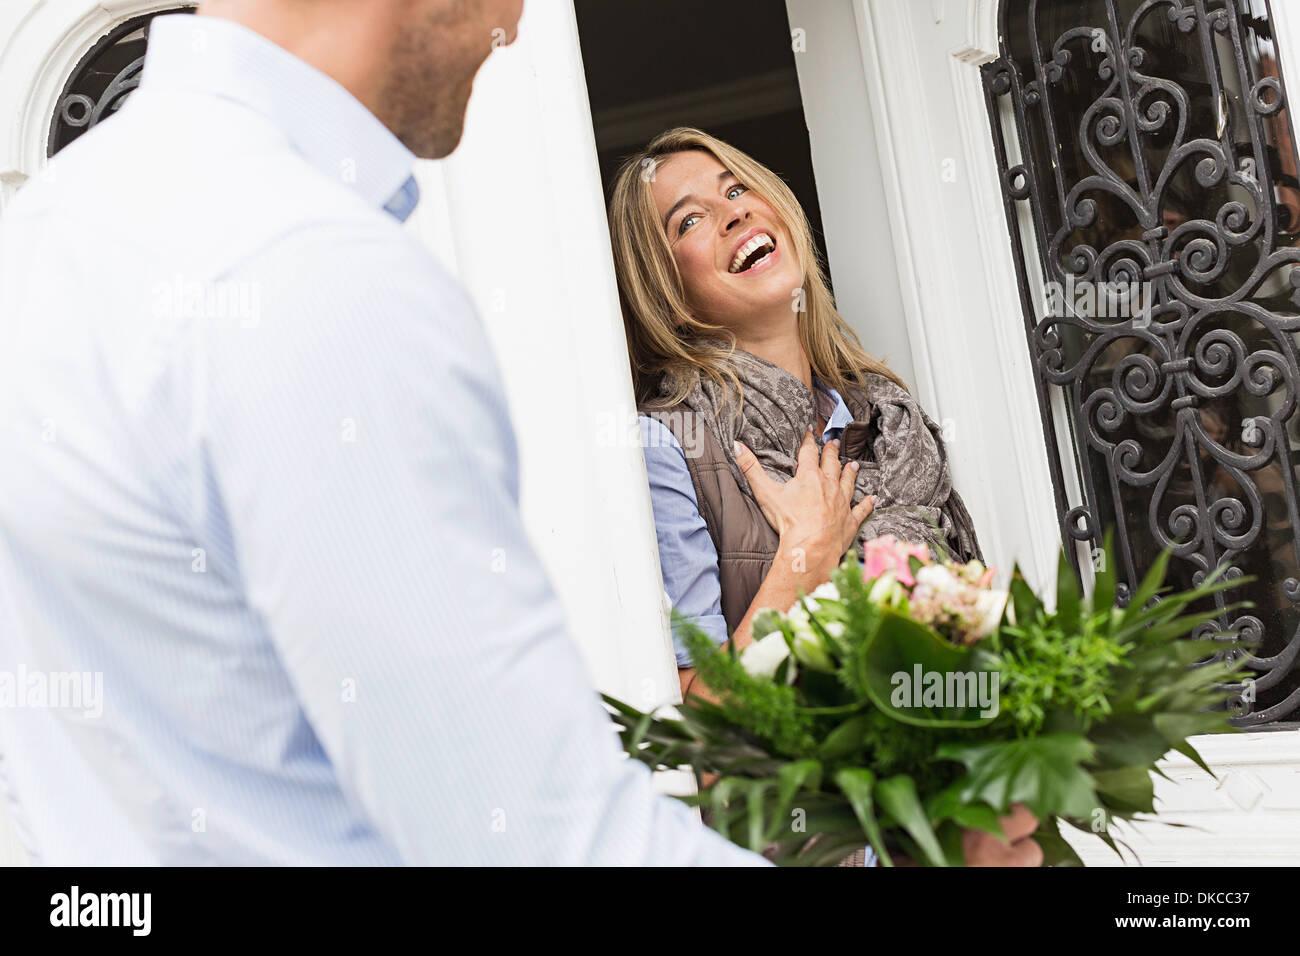 Frau, die Öffnung vorne Foor, Mann mit Blumenstrauß Stockbild